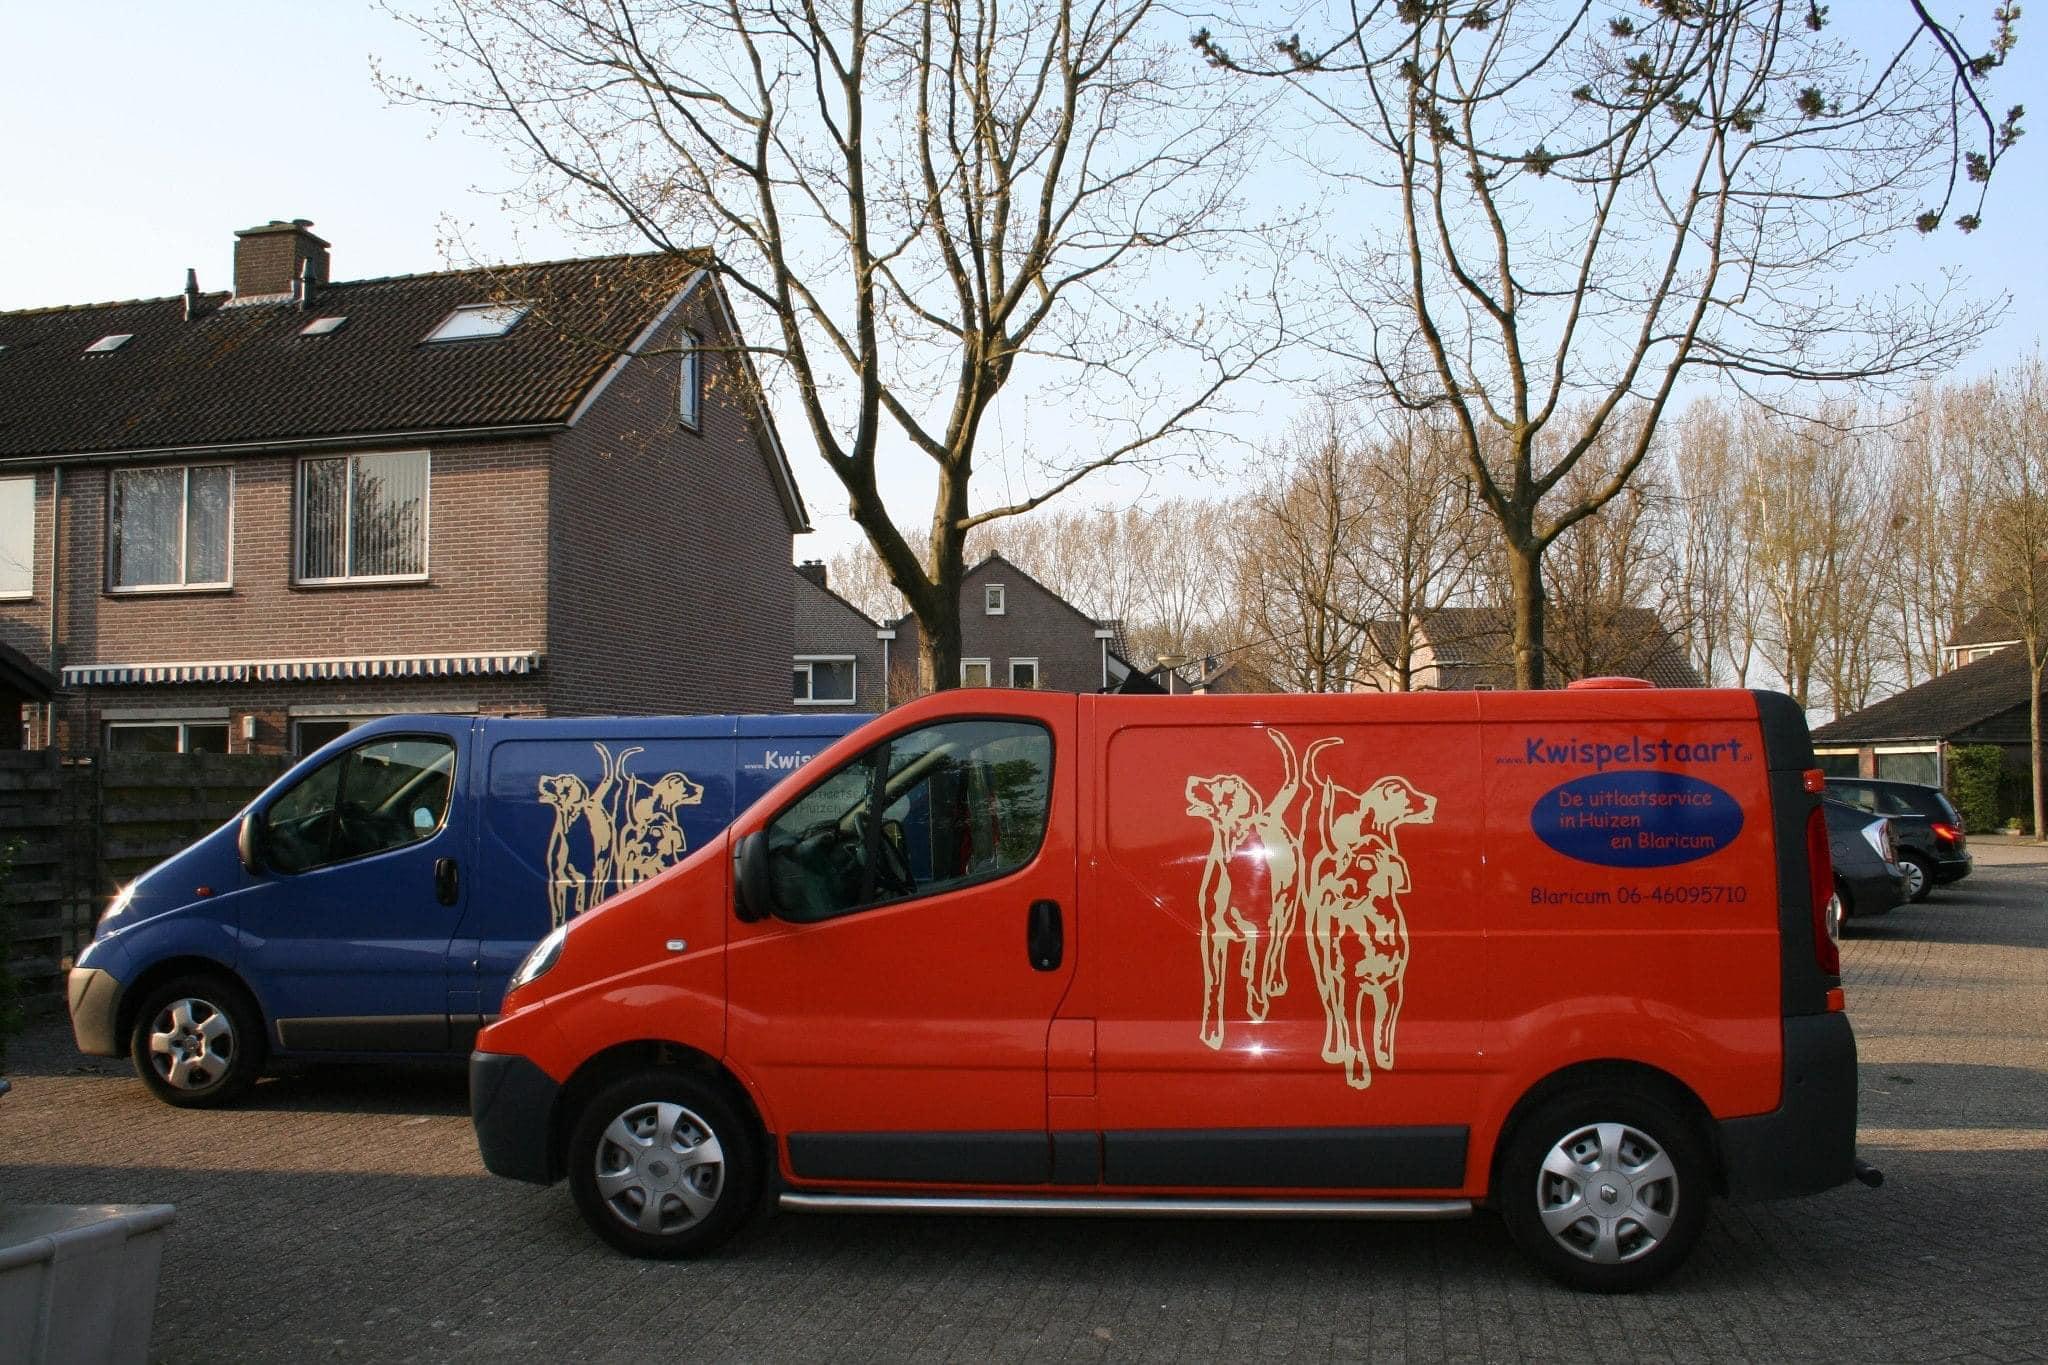 NH Gooi In Business - Hondenuitlaat Kwispelstaart doet beroep op het GNR